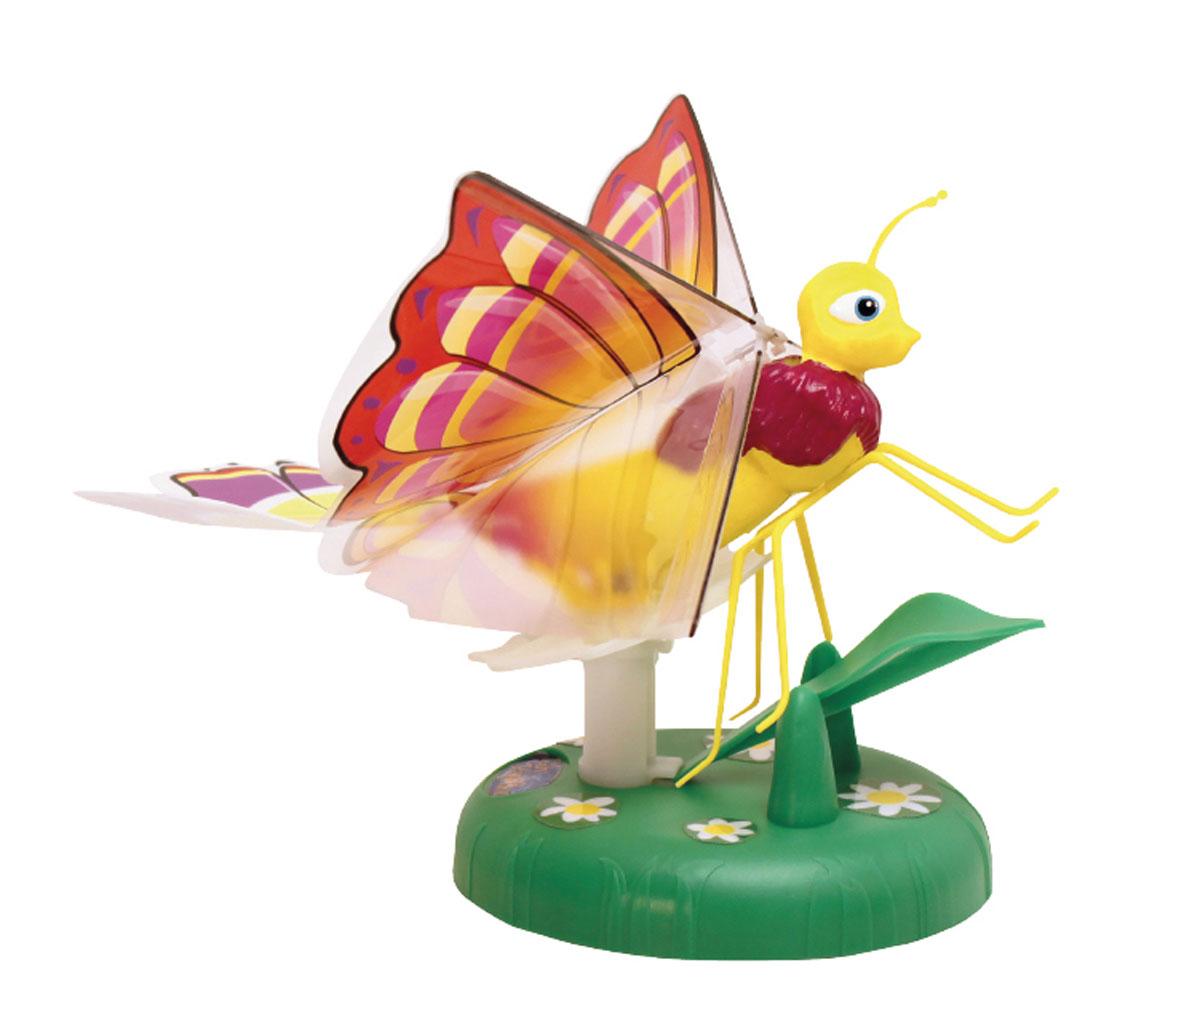 Splash Toys Интерактивная игрушка Летающая бабочка цвет желтый30850Летающая бабочка. Летает автоматически по кругу на высоте до 2 метров, после зарядки на зарядном устрйстве. В ассортименте 4 вида бабочек. Размер упаковки: 0,30х0,21х0,23 Использовать только в помещении.